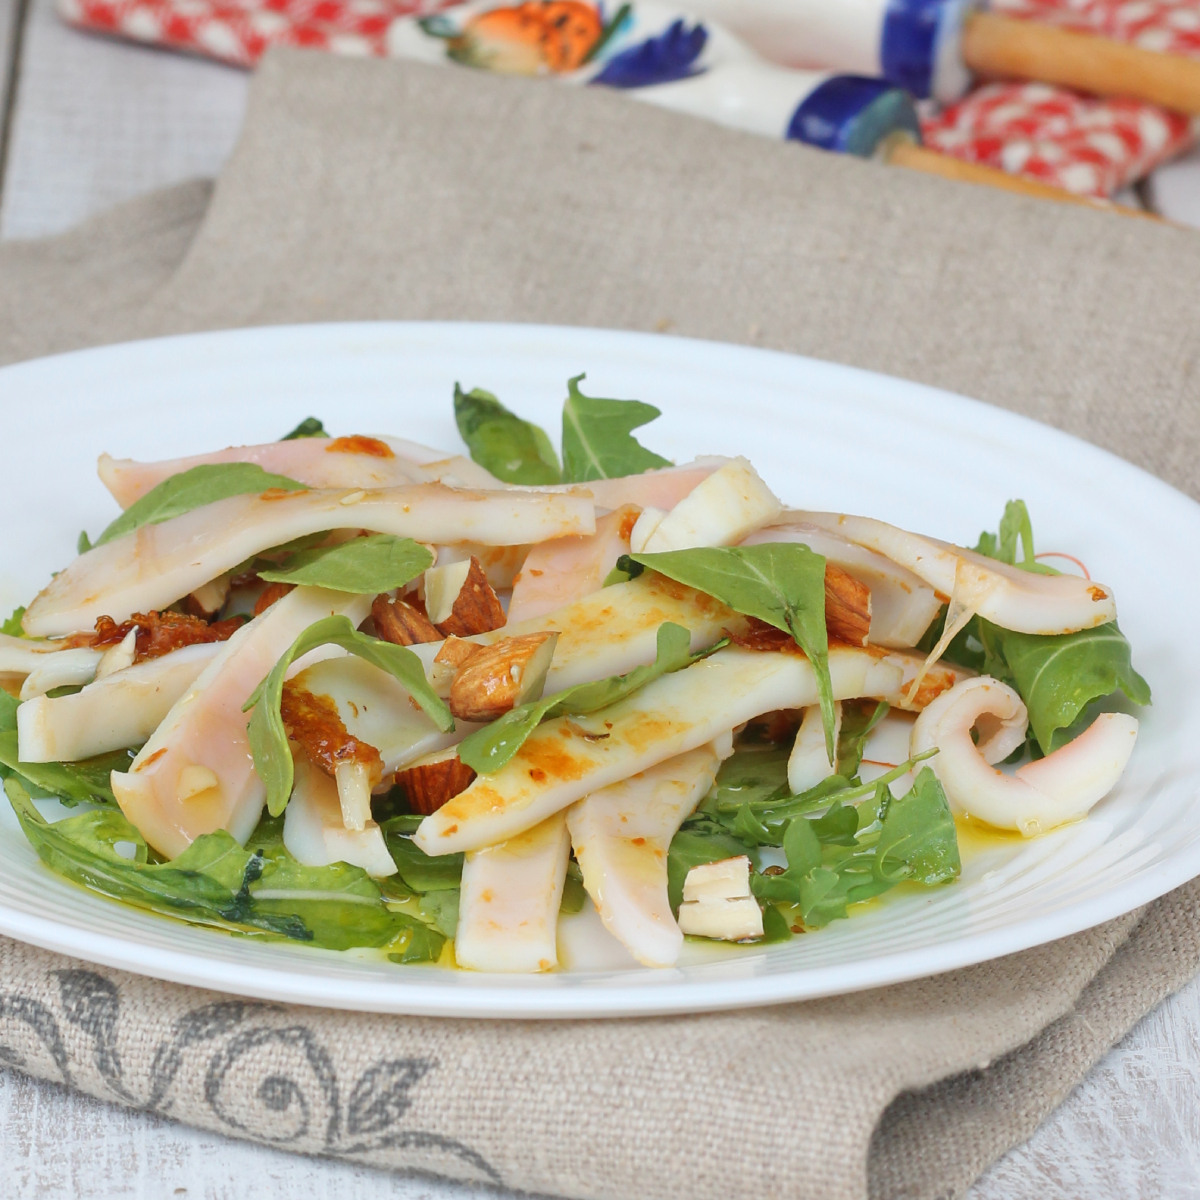 INSALATA DI TOTANI ricetta calamari in insalata di rucola e mandorle